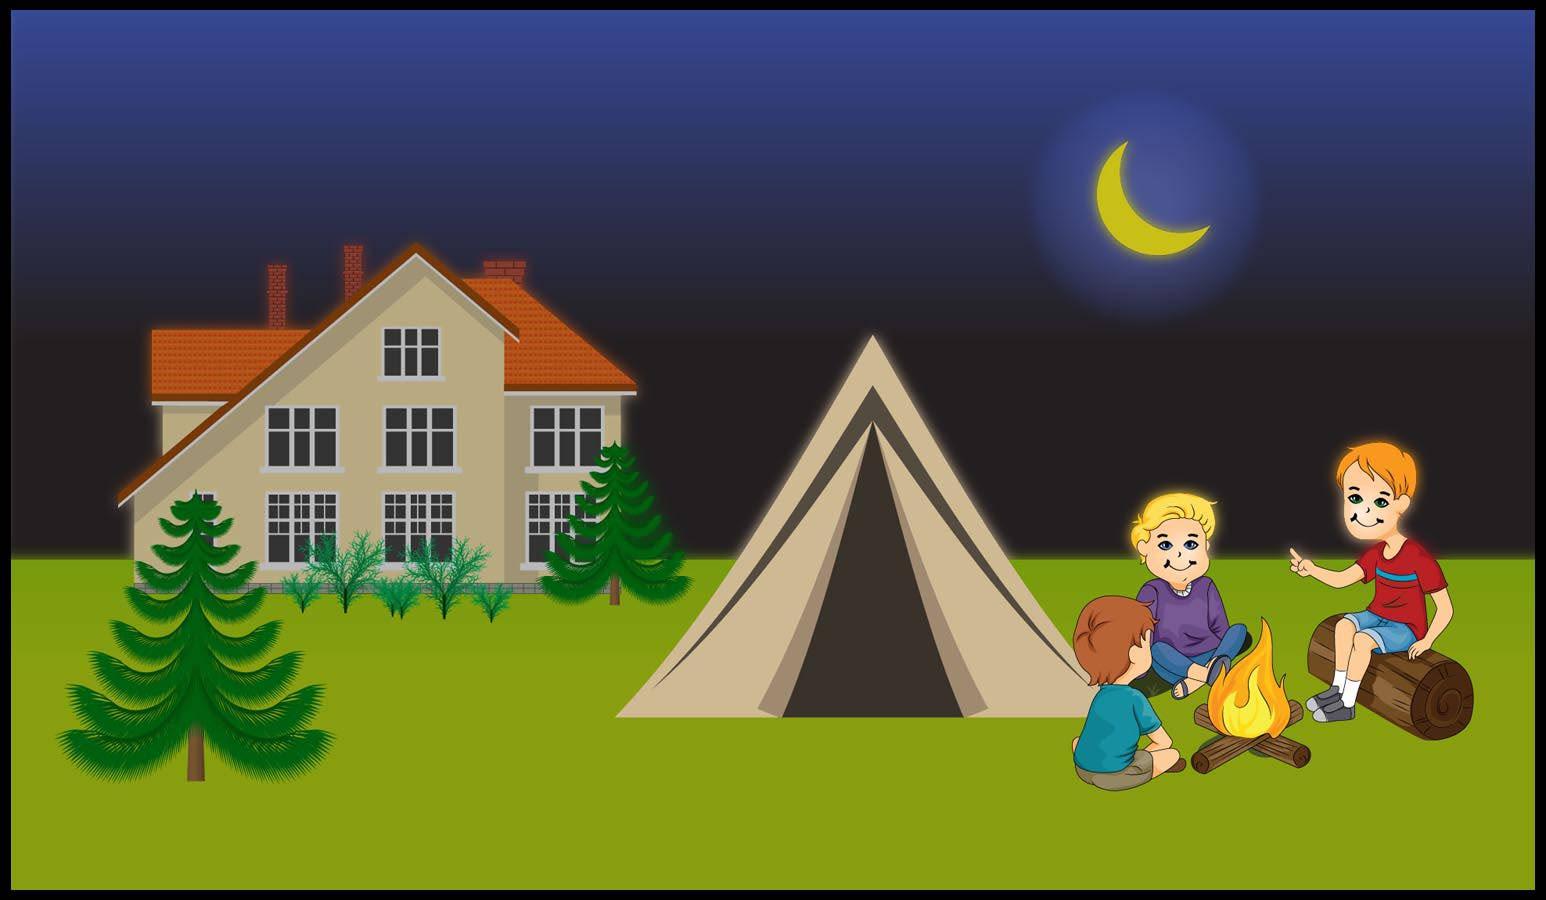 Clip art library. Camping clipart backyard camping